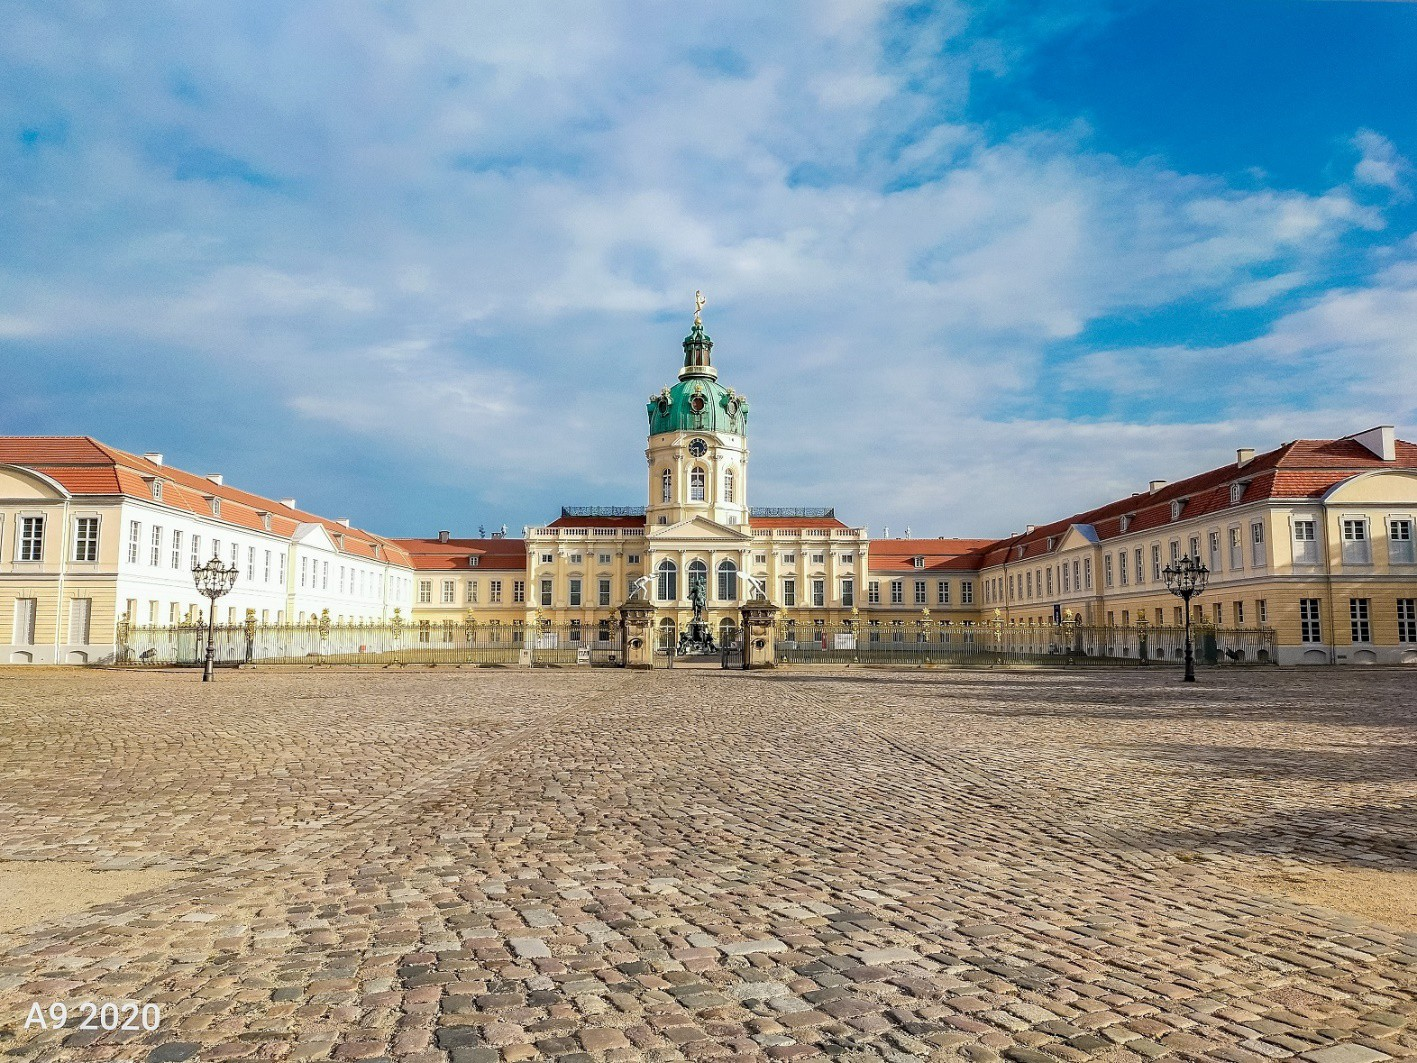 Mùa thu thủ đô Berlin hiện lên đầy rực rỡ qua bốn góc ảnh tuyệt đẹp của OPPO A9 2020 - Ảnh 2.